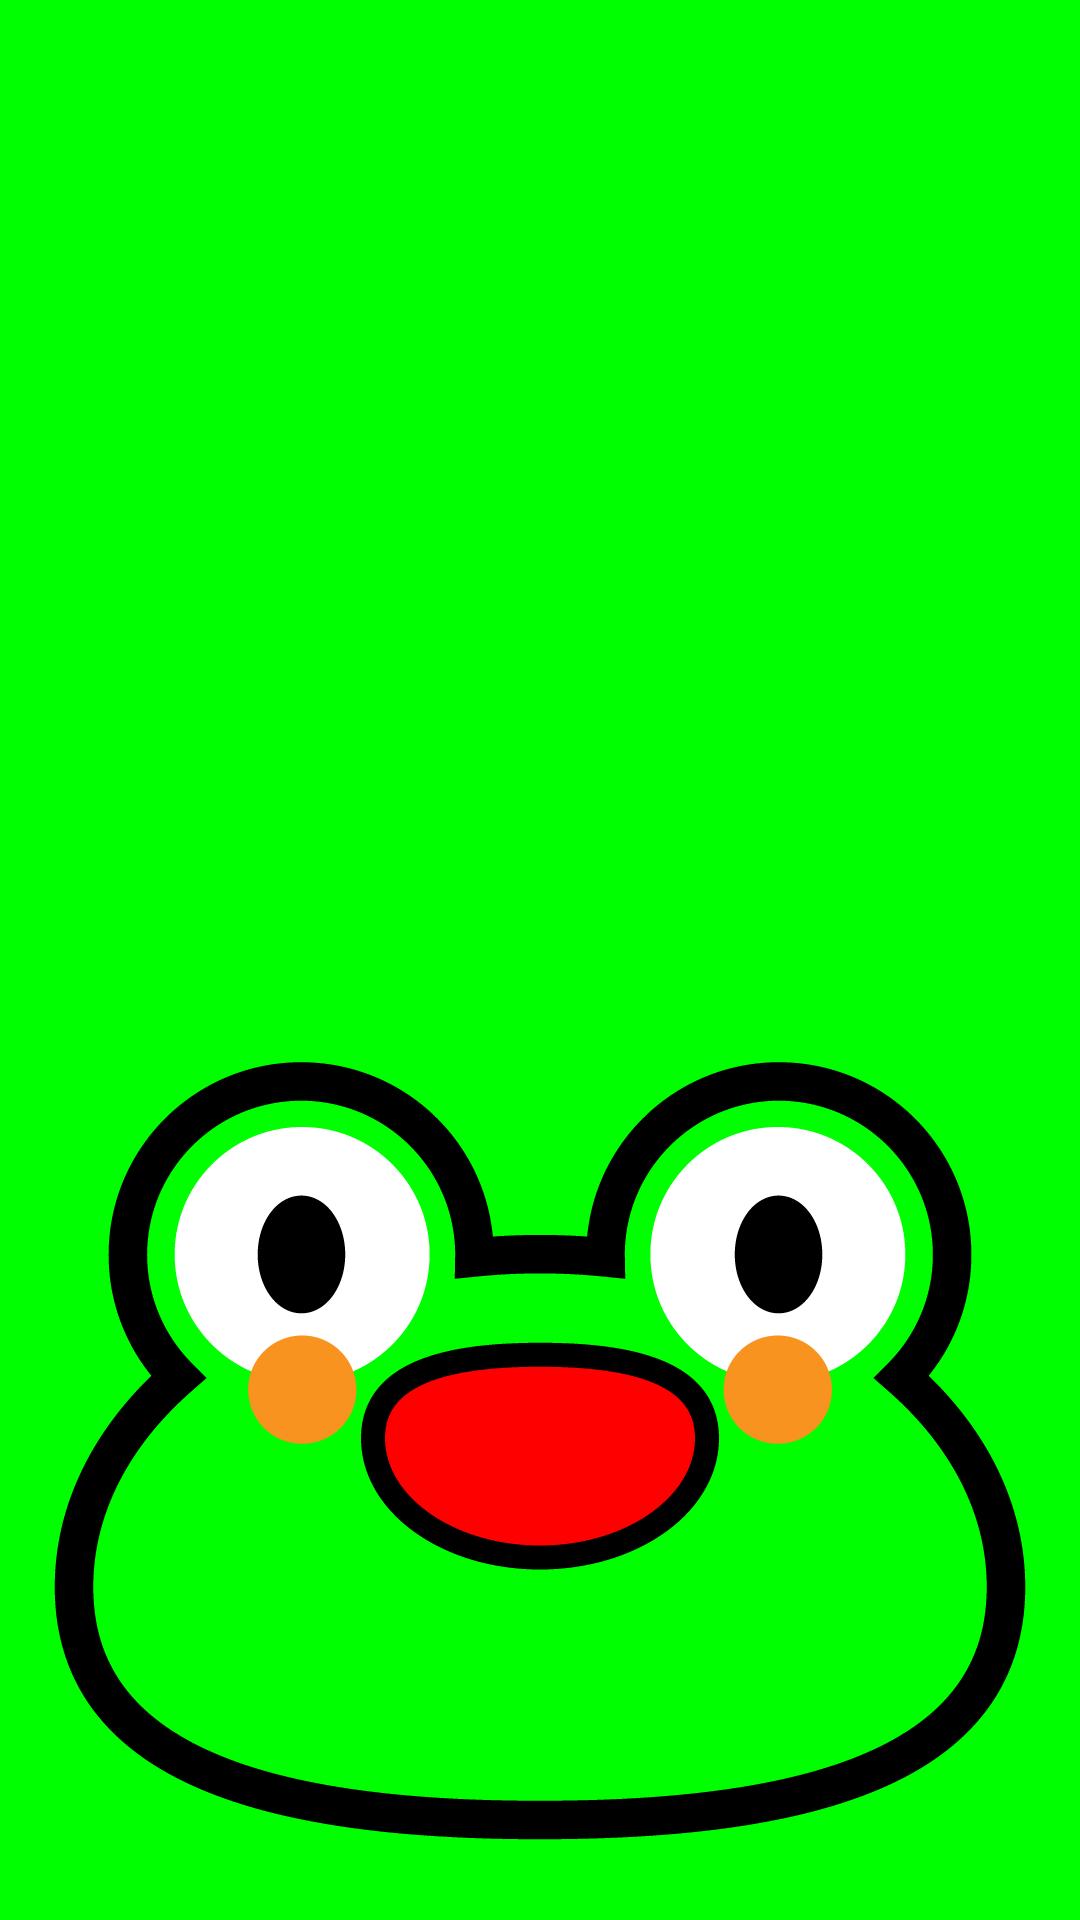 かわいい顔だけカエル壁紙(iPhone)の無料イラスト・商用フリー